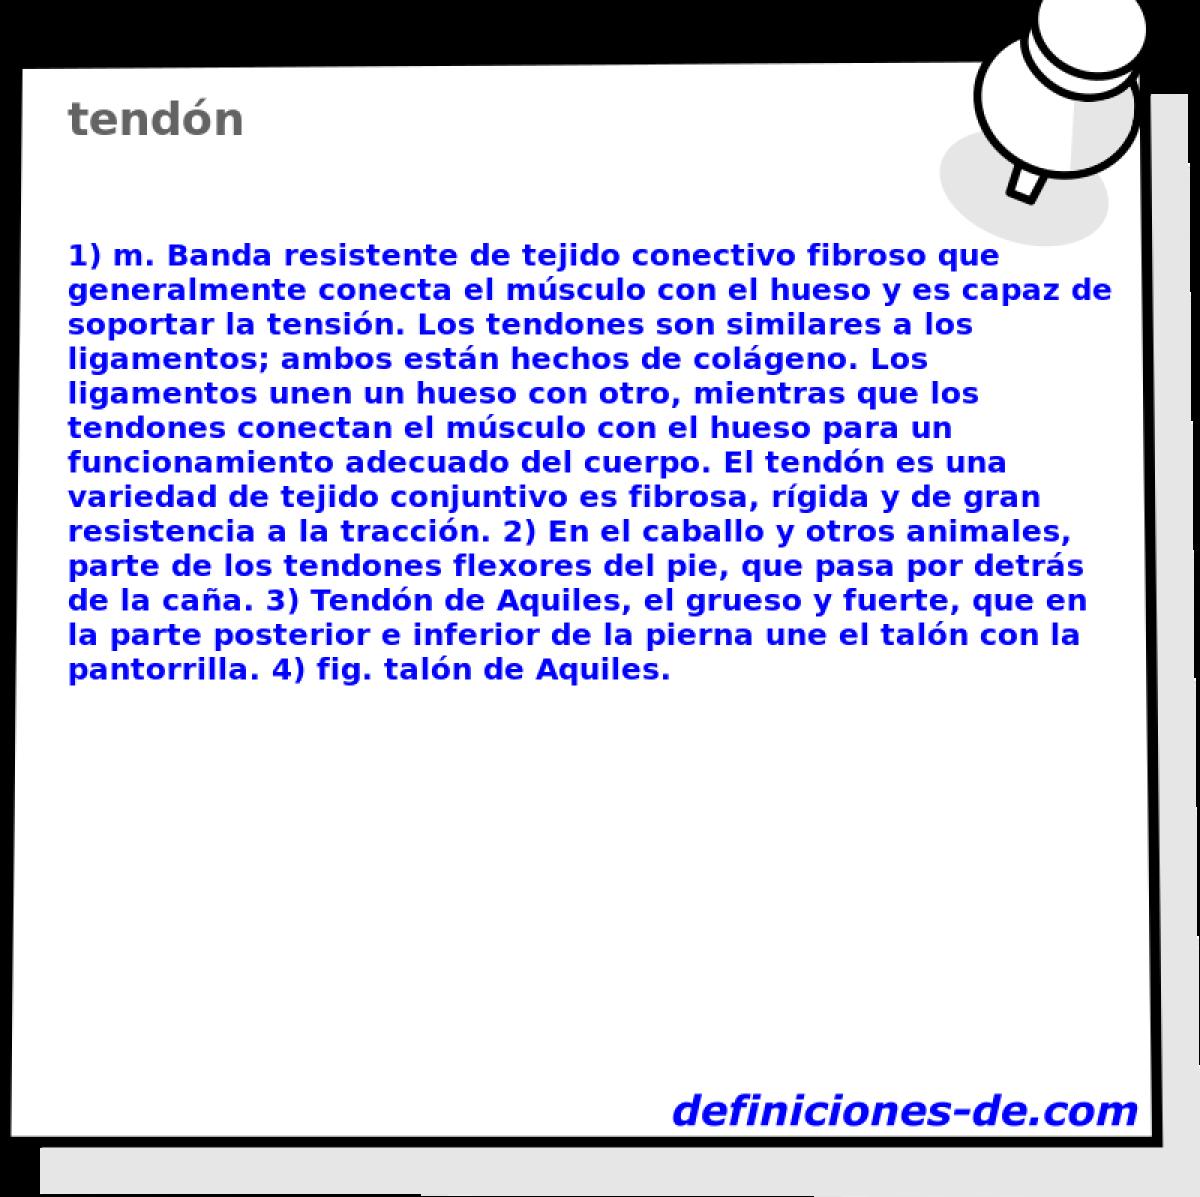 Qué significa Tendón?